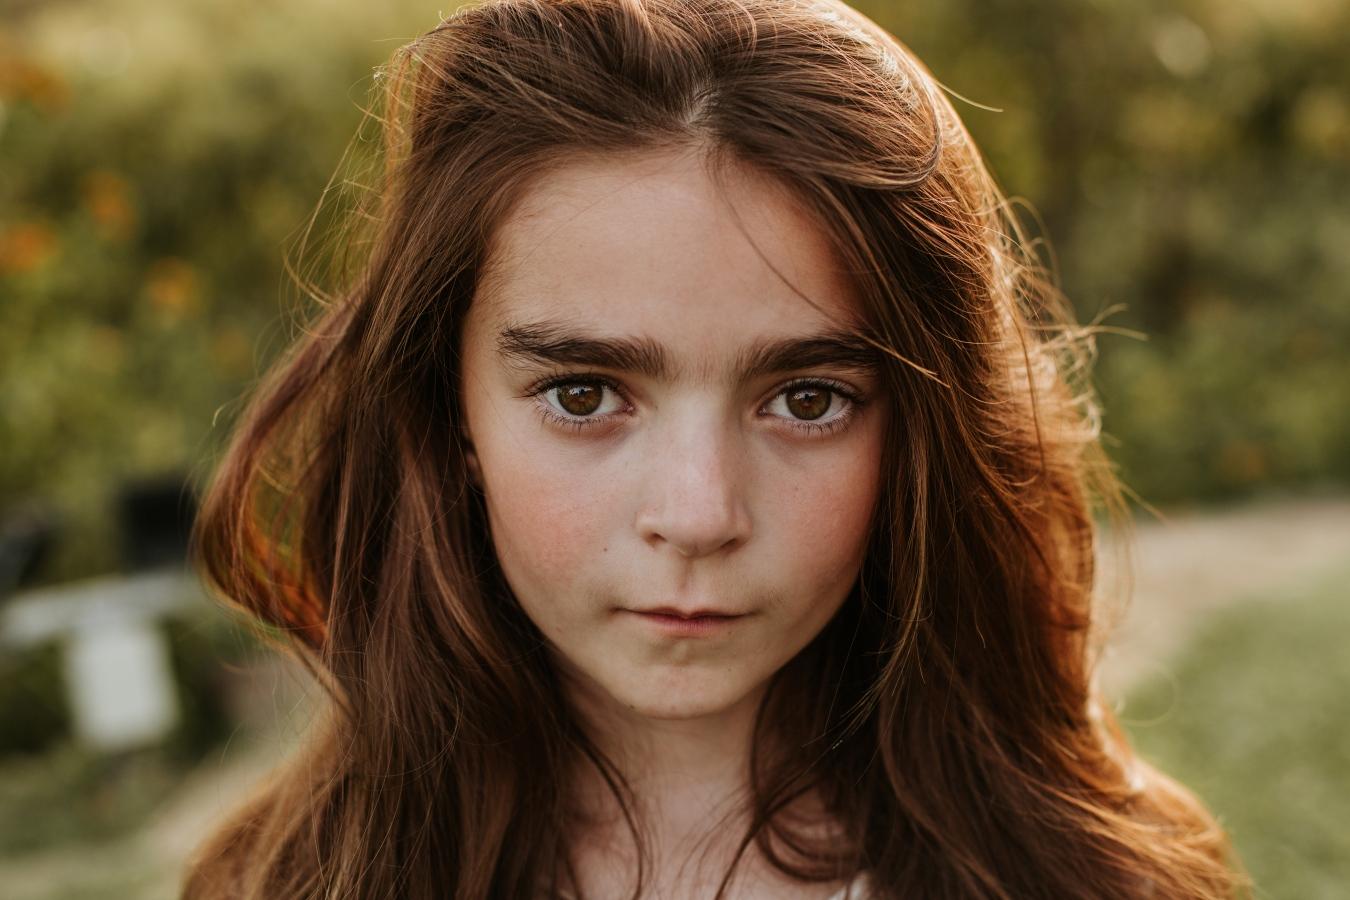 Portfolio - La niña del hoyuelo, Fotografia